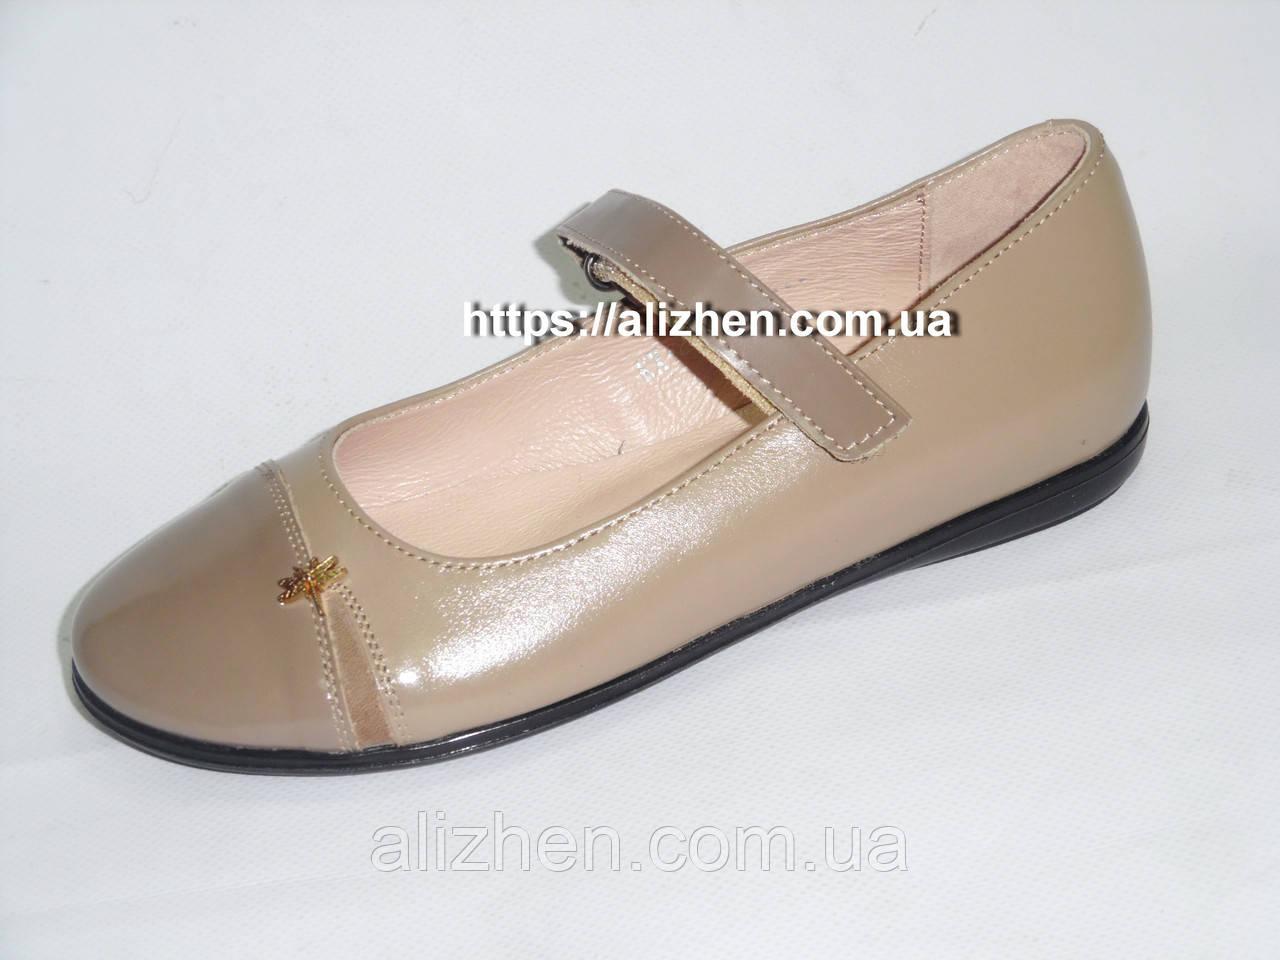 Туфли кожаные школьные детские подростковые для девочки тм